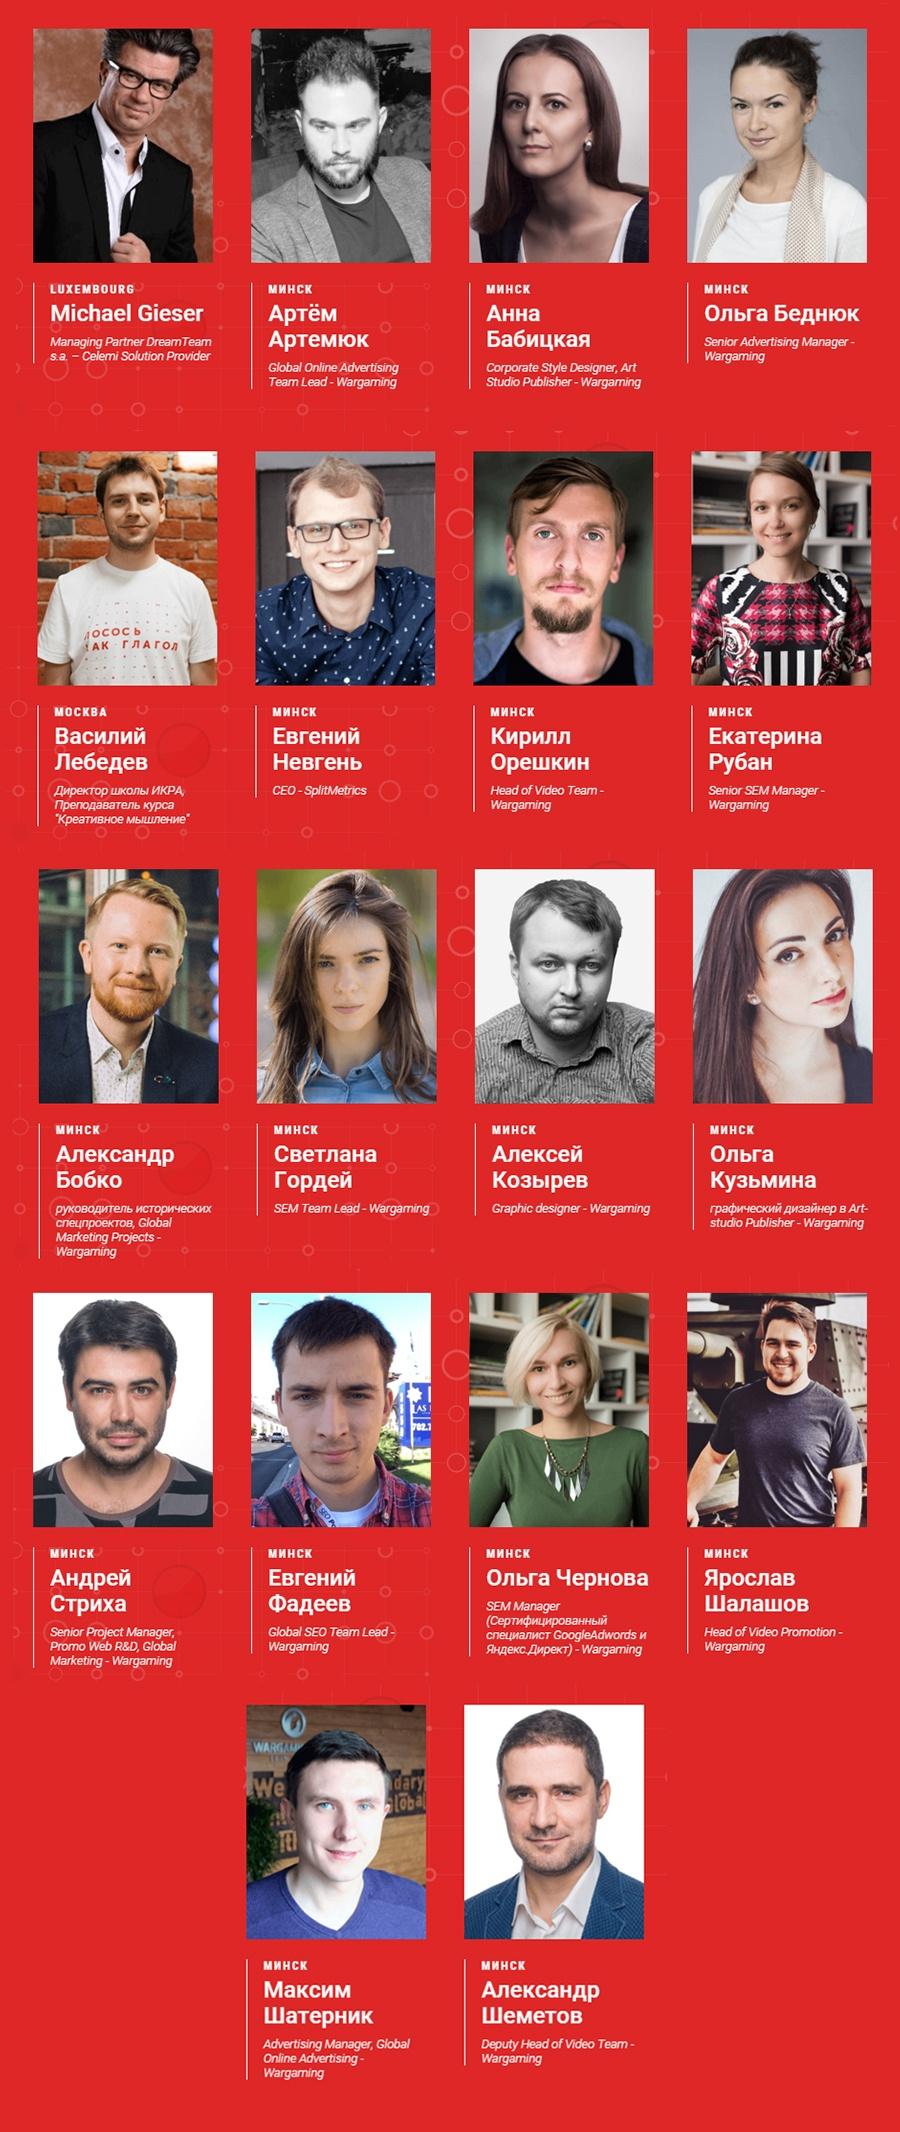 ROMI Сon — маркетинговая конференция в Минске - 2